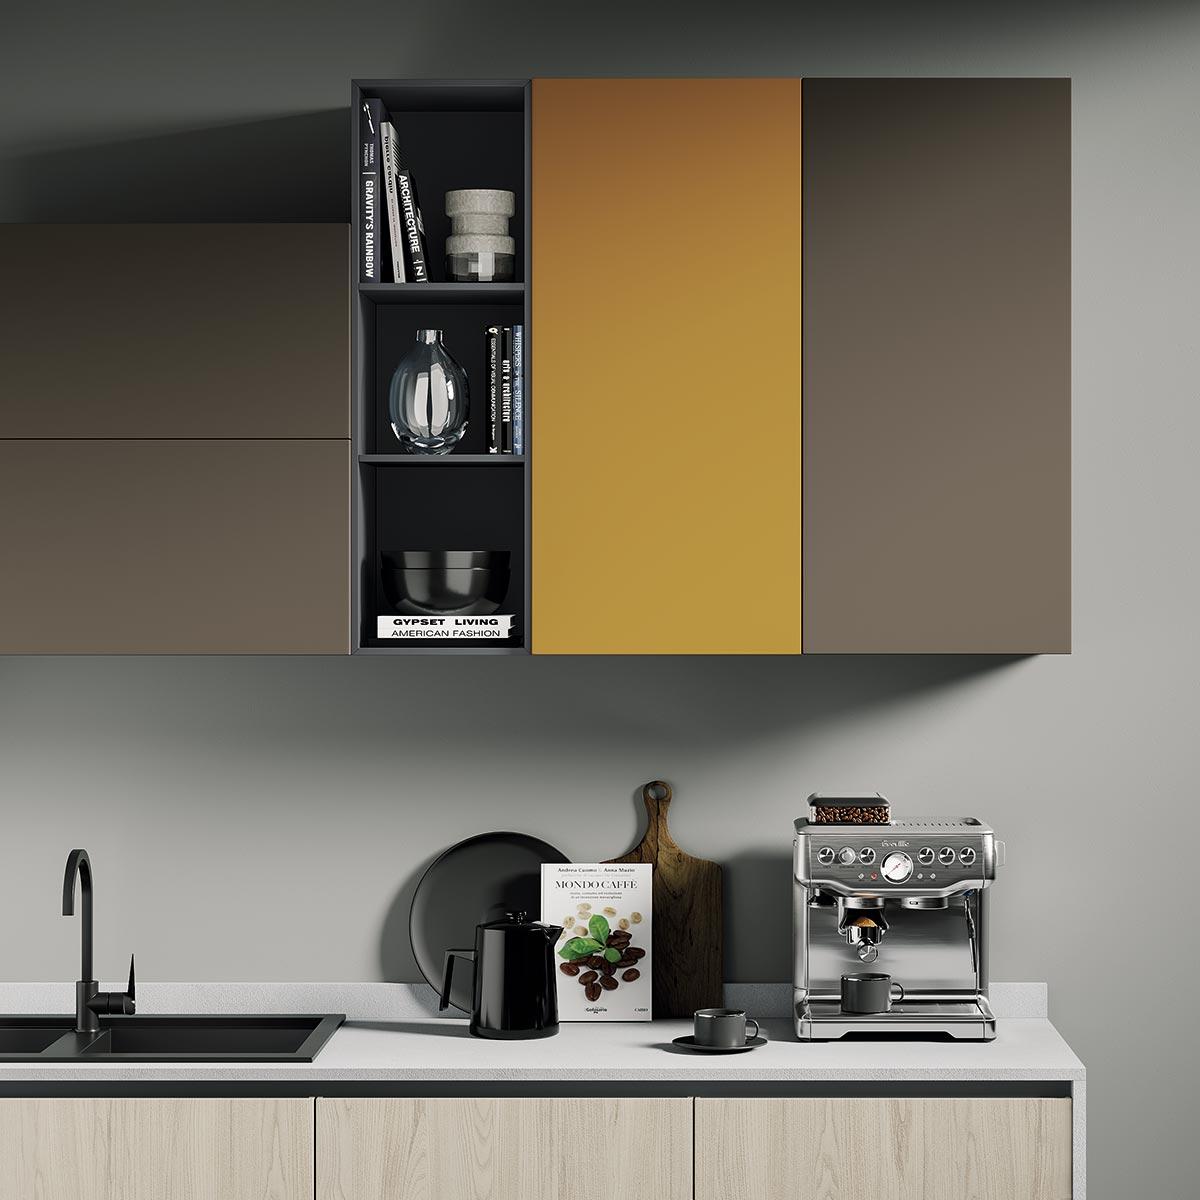 Cucina ergonomica Hilary in ciliegio naturale camoscio senape grafite